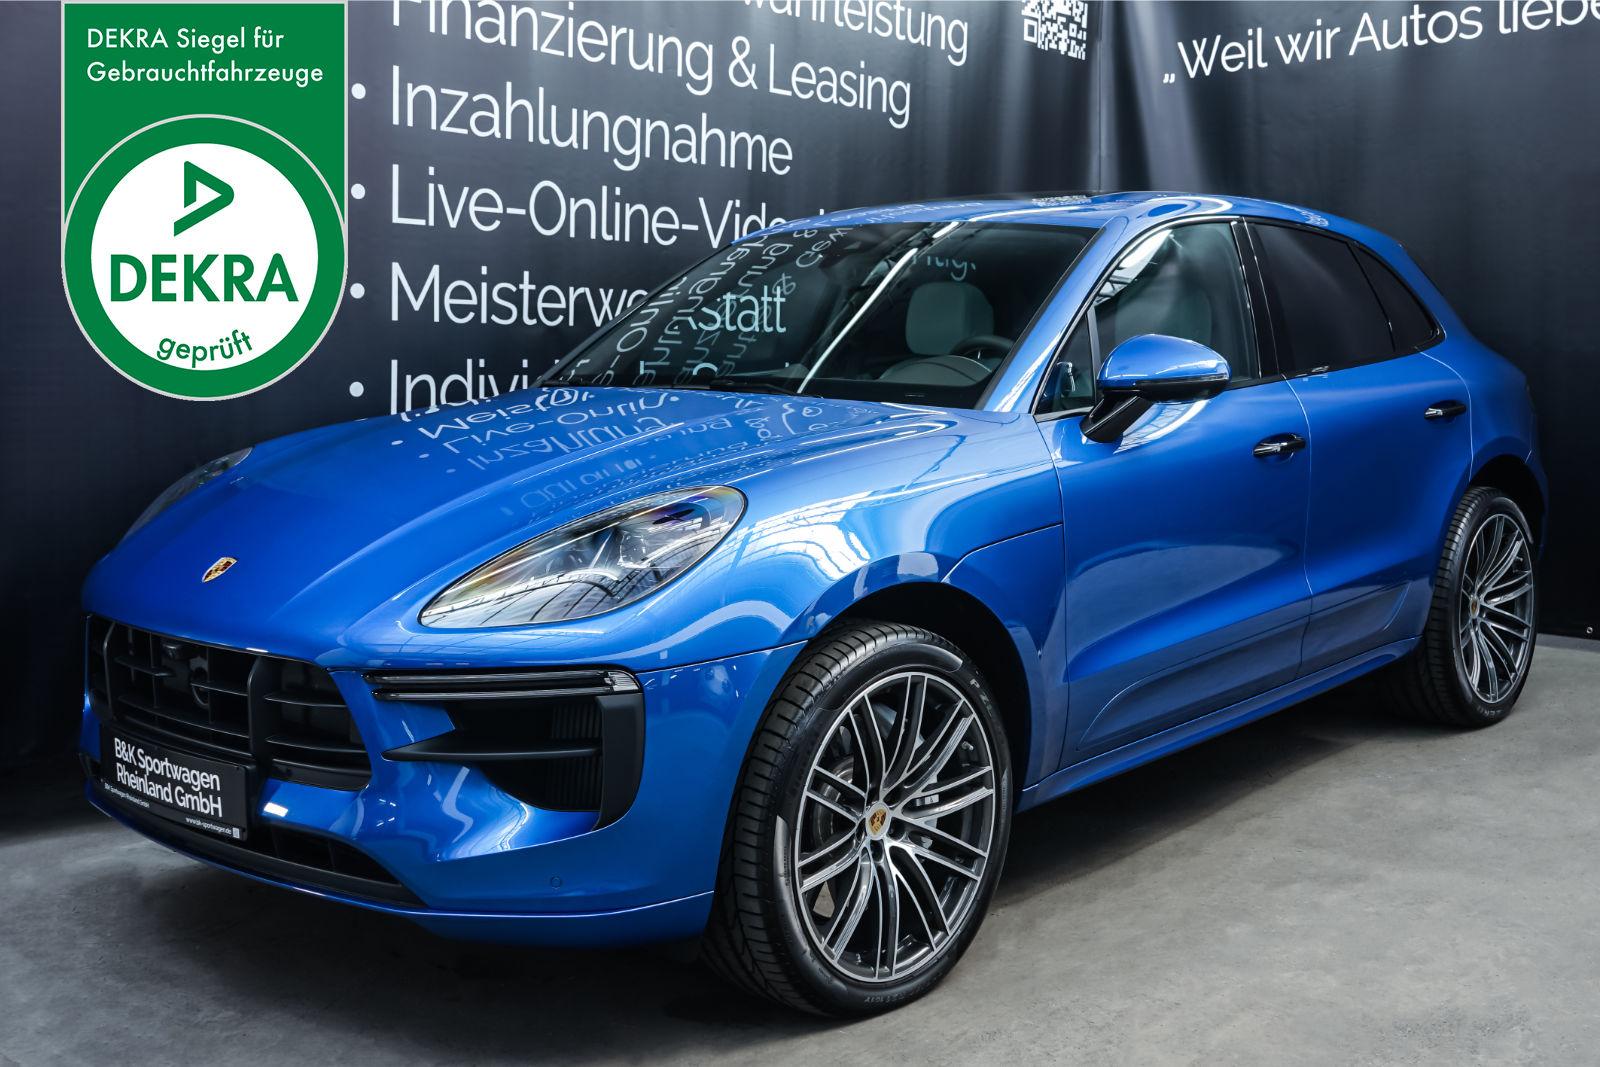 Porsche_Macan_Turbo_Blau_Weiß_POR-2038_Plakette_w